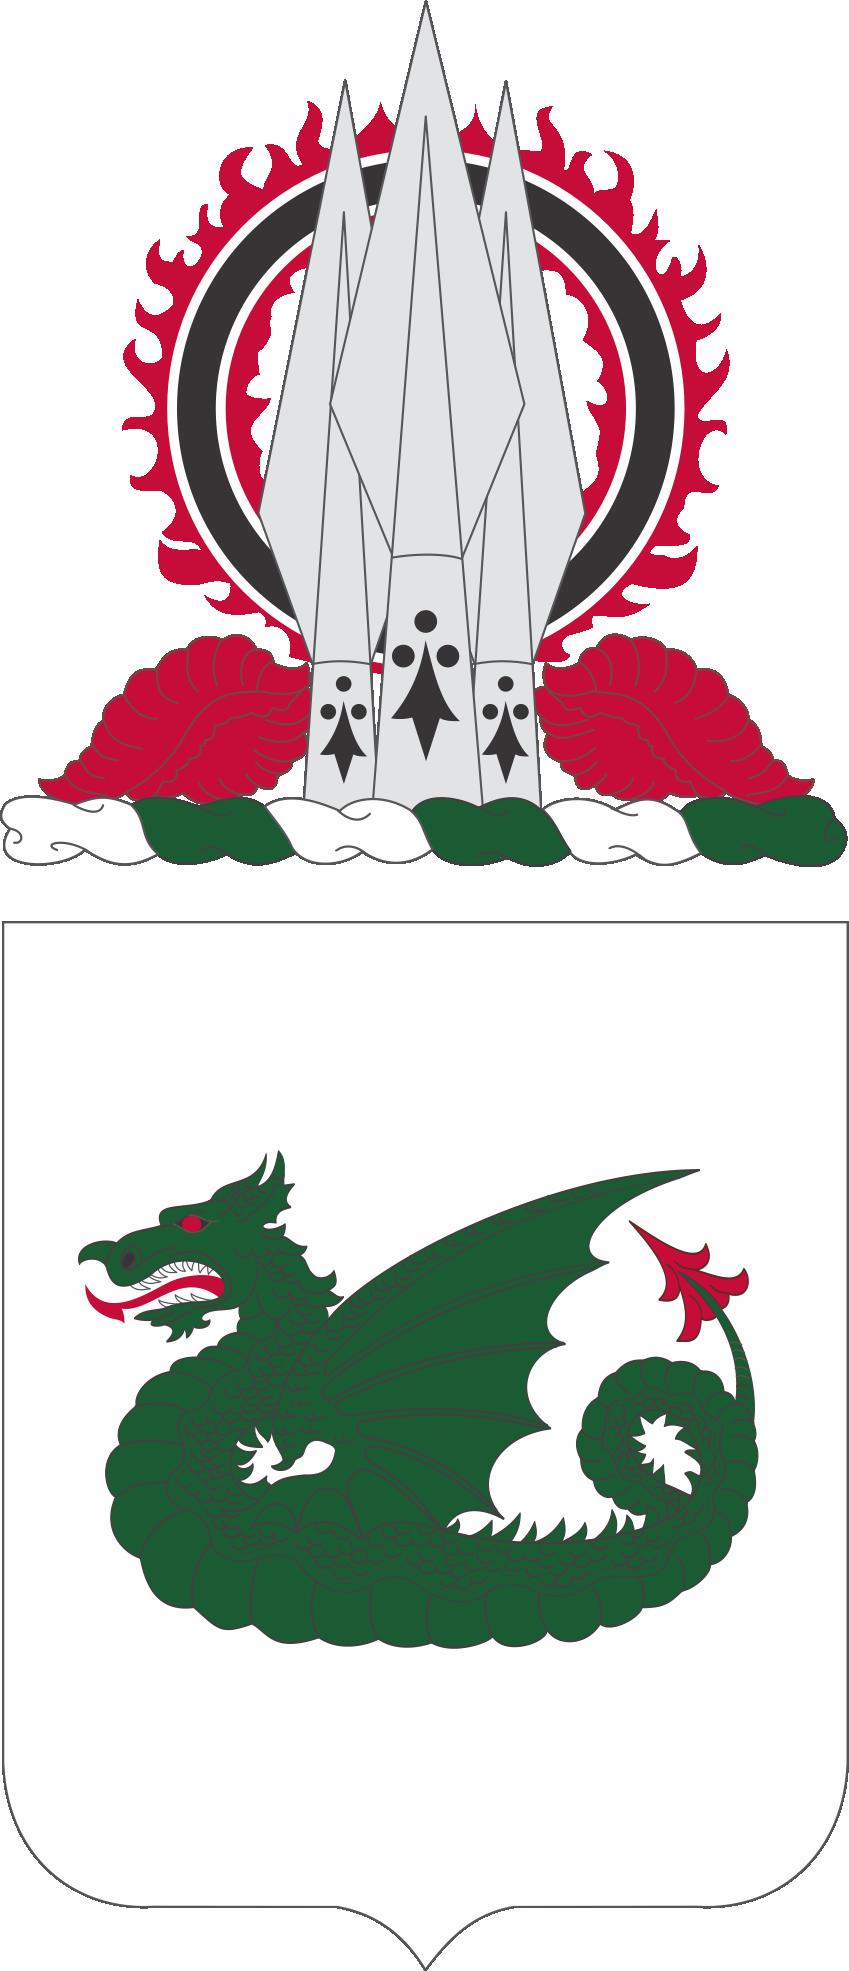 037-Armored-Regiment-COA